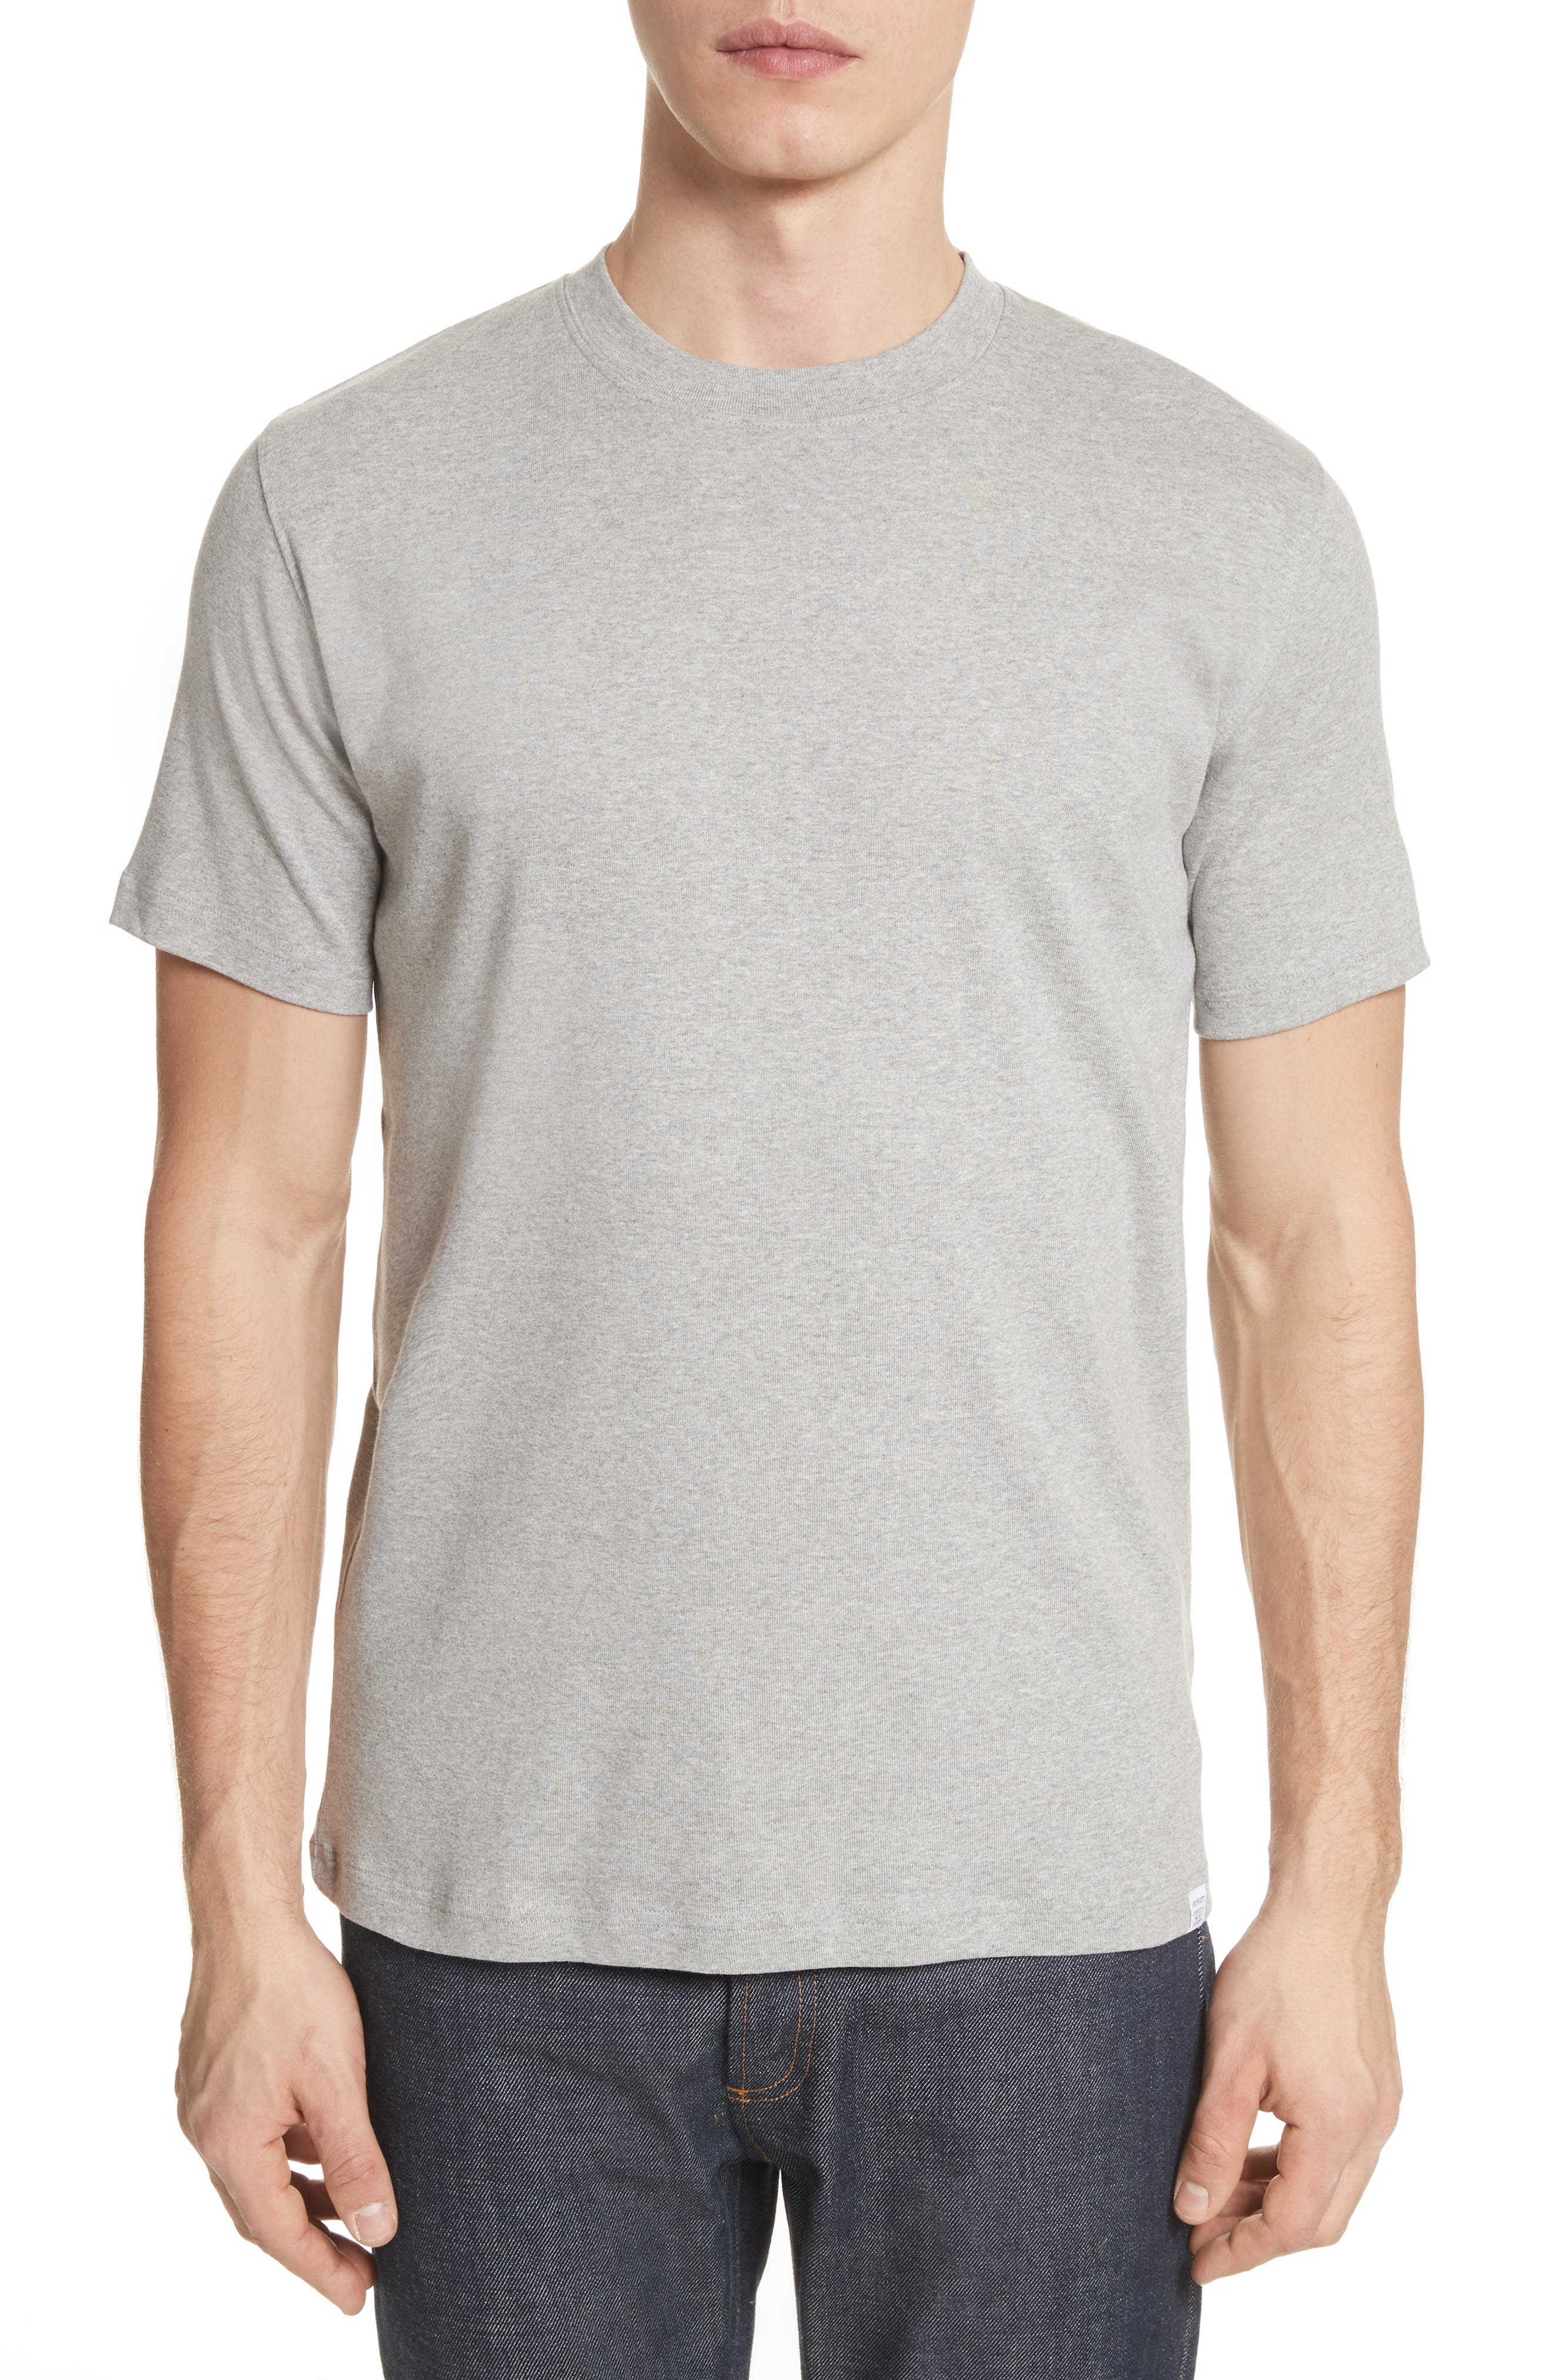 James T-Shirt,                             Main thumbnail 1, color,                             021